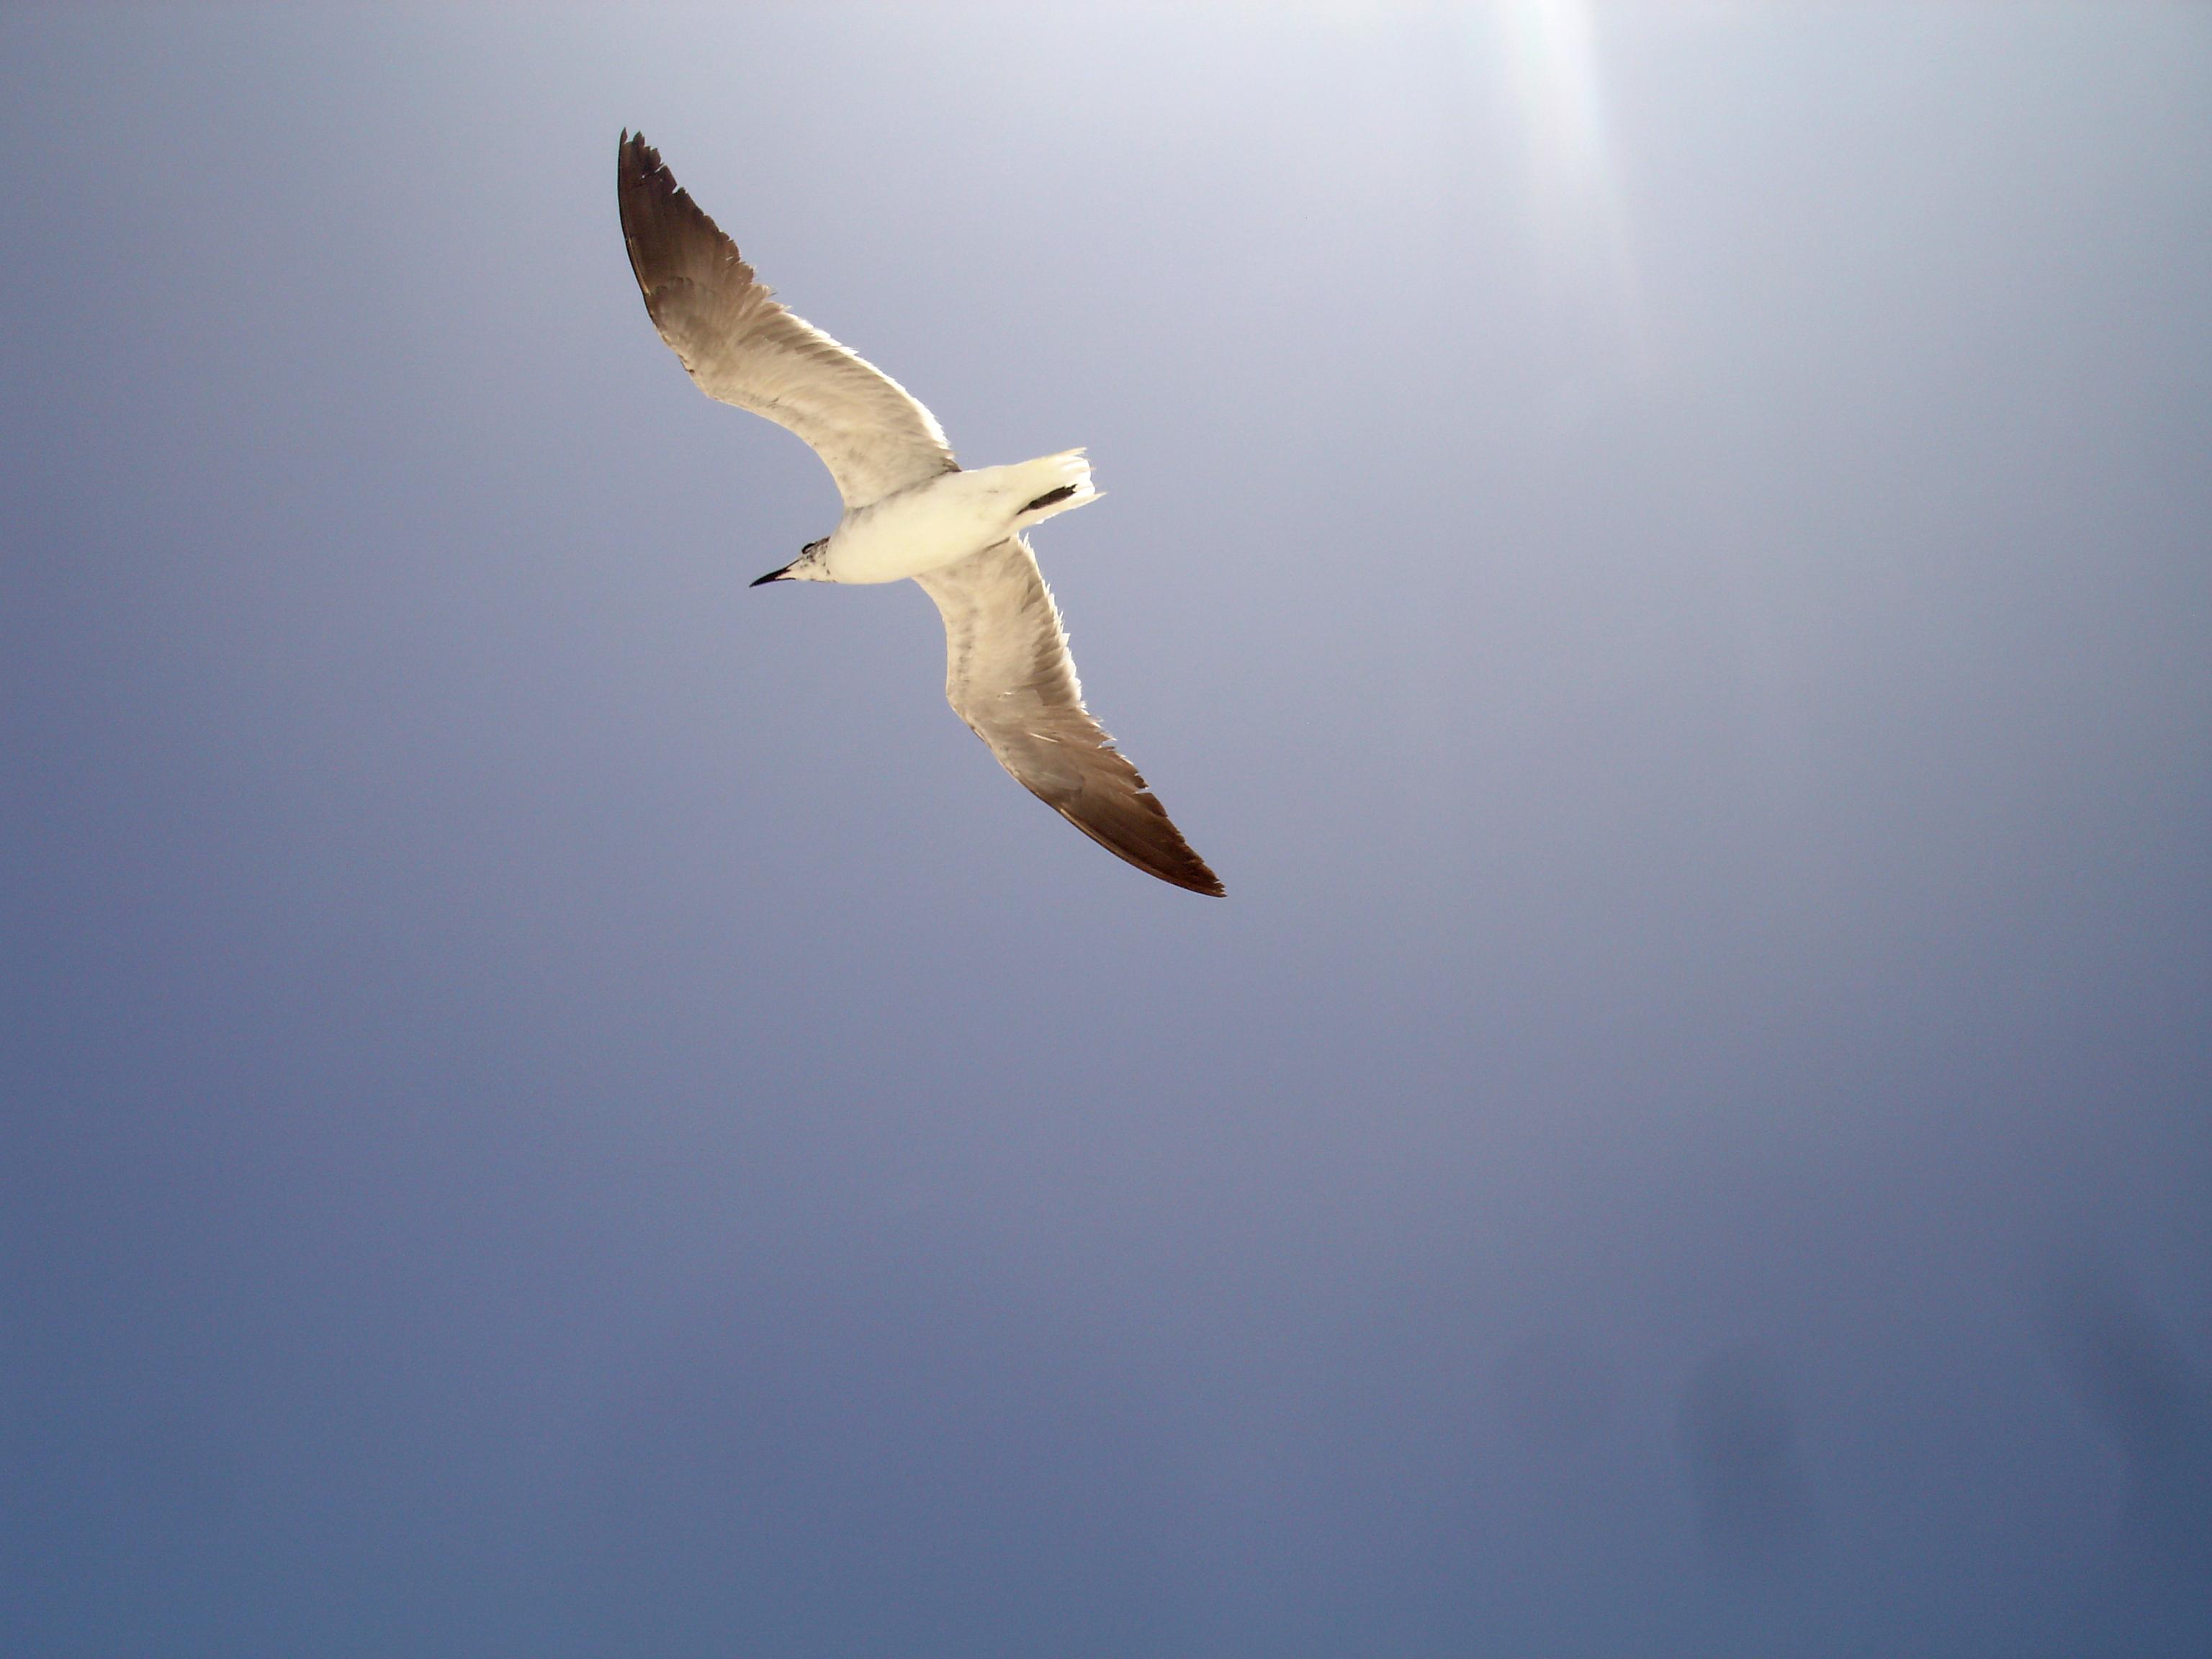 Έφηβος με μεγάλο πουλί